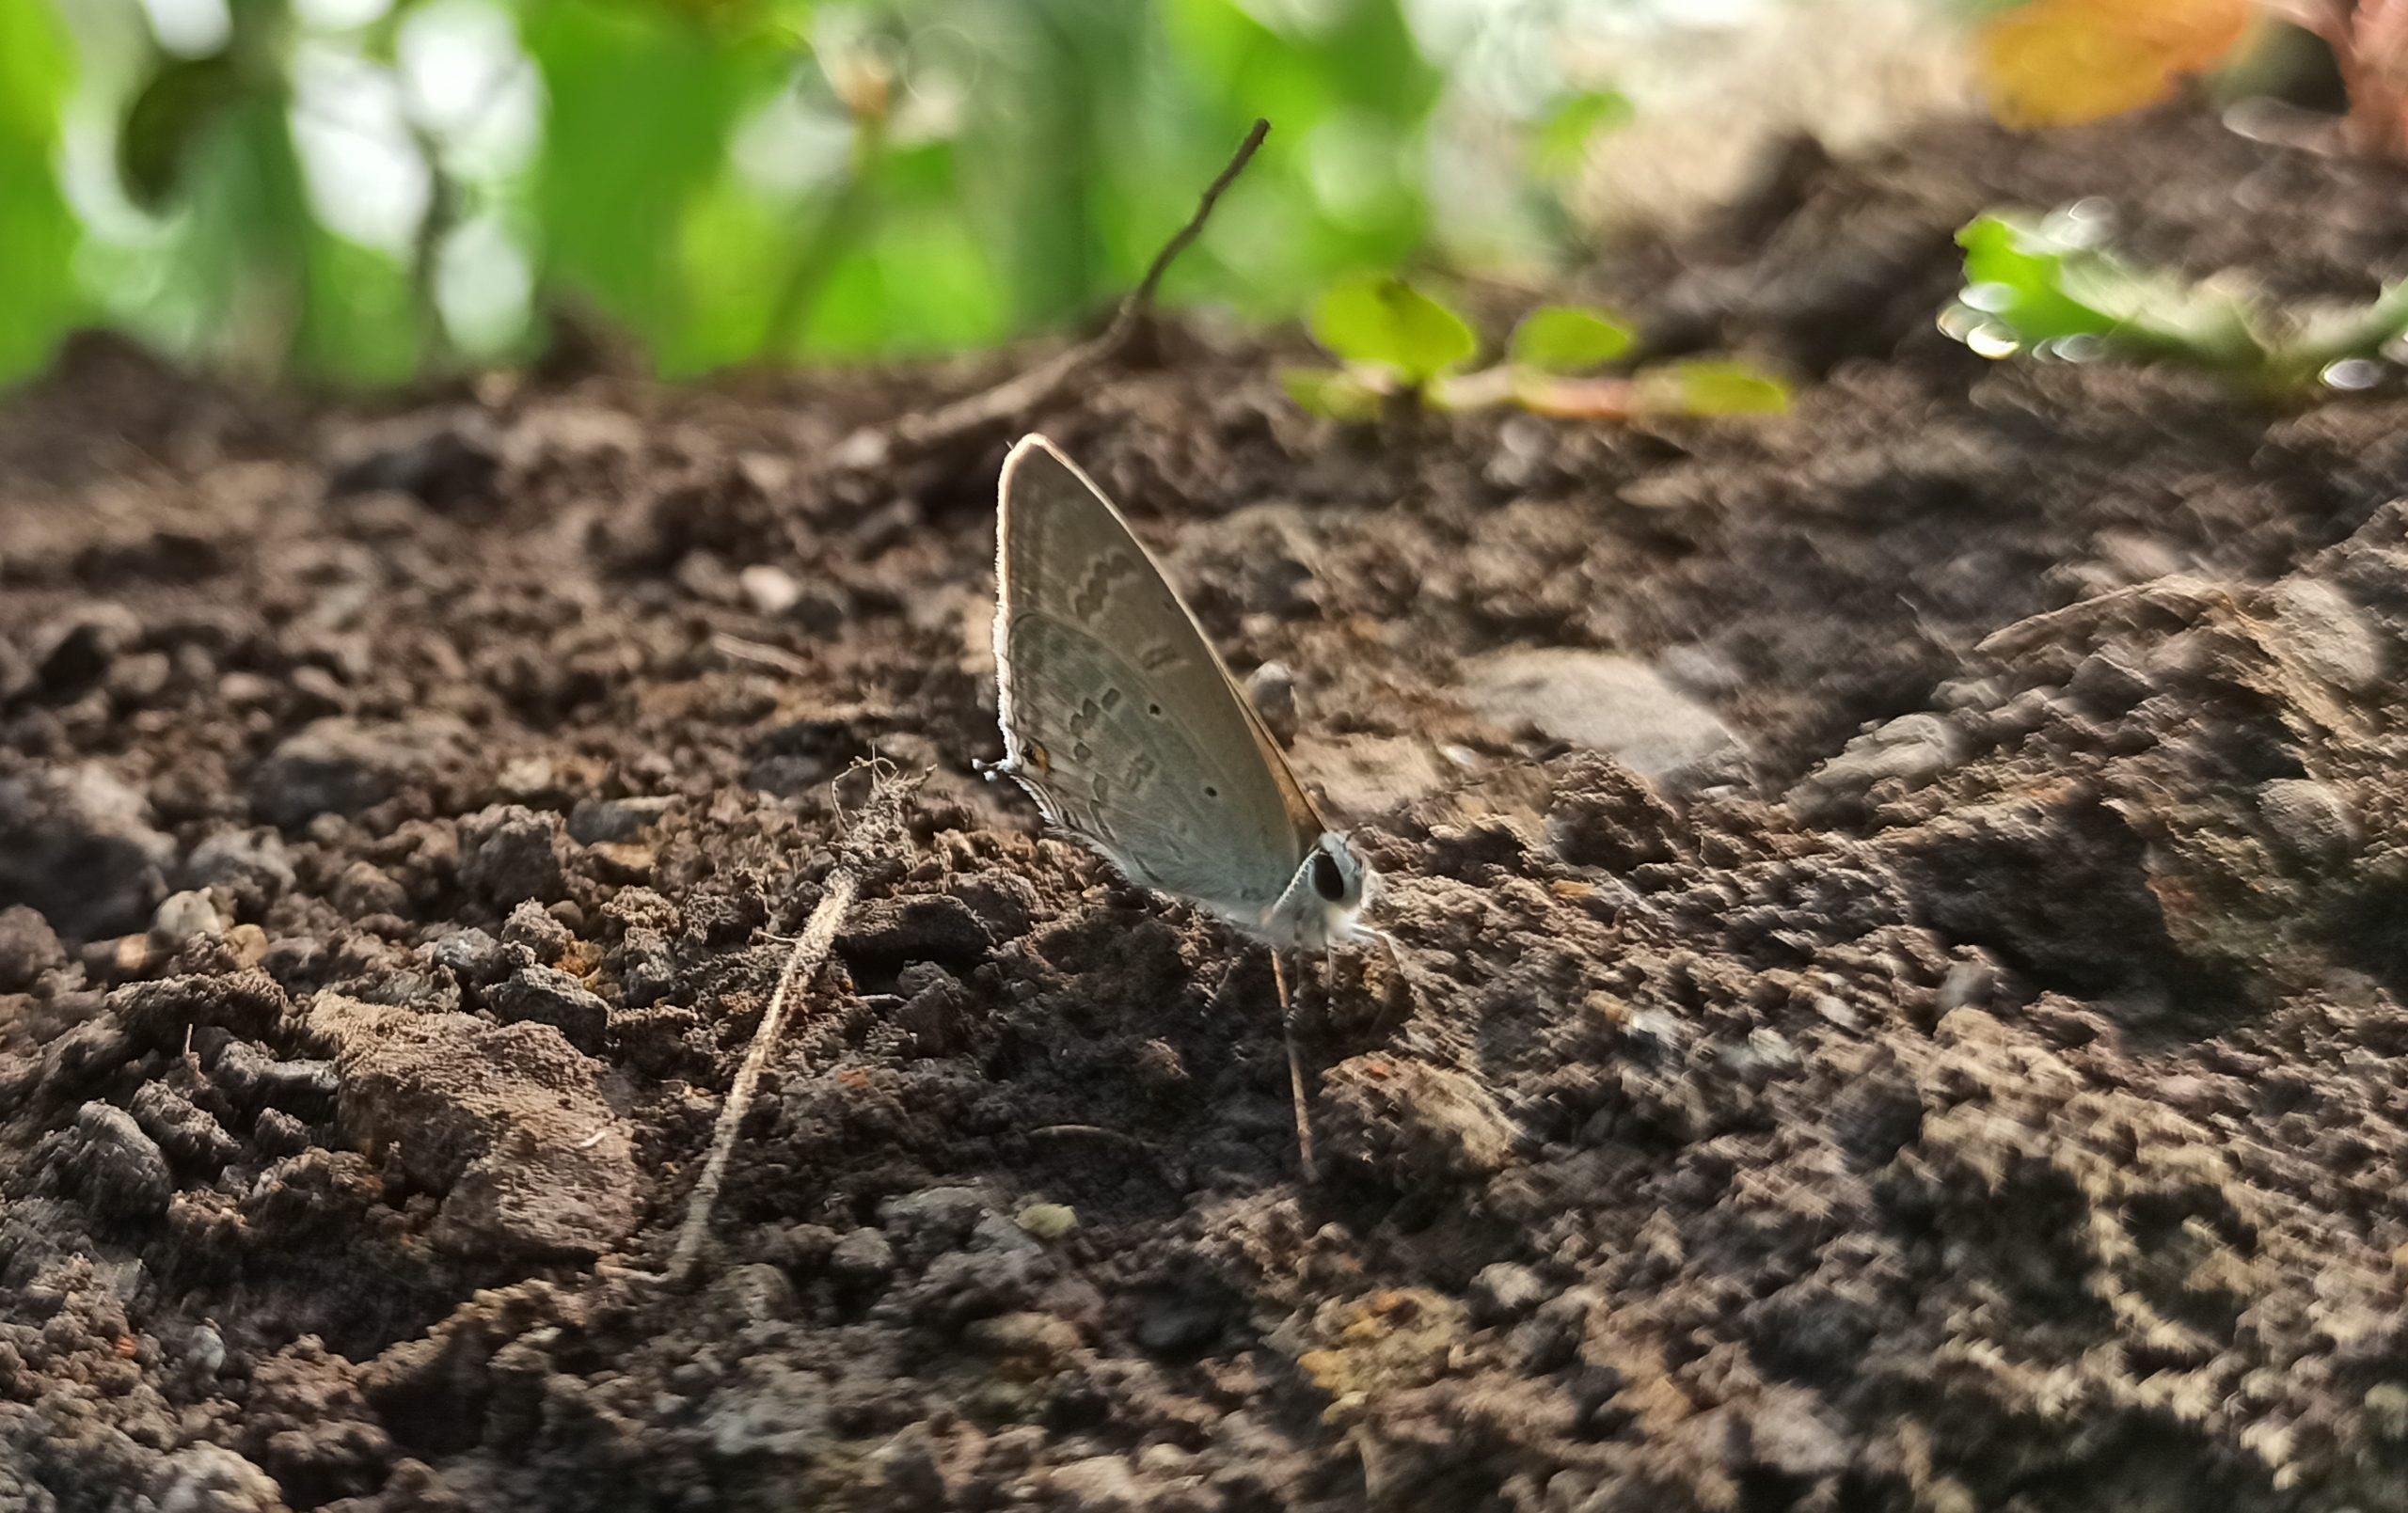 A butterfly on soil